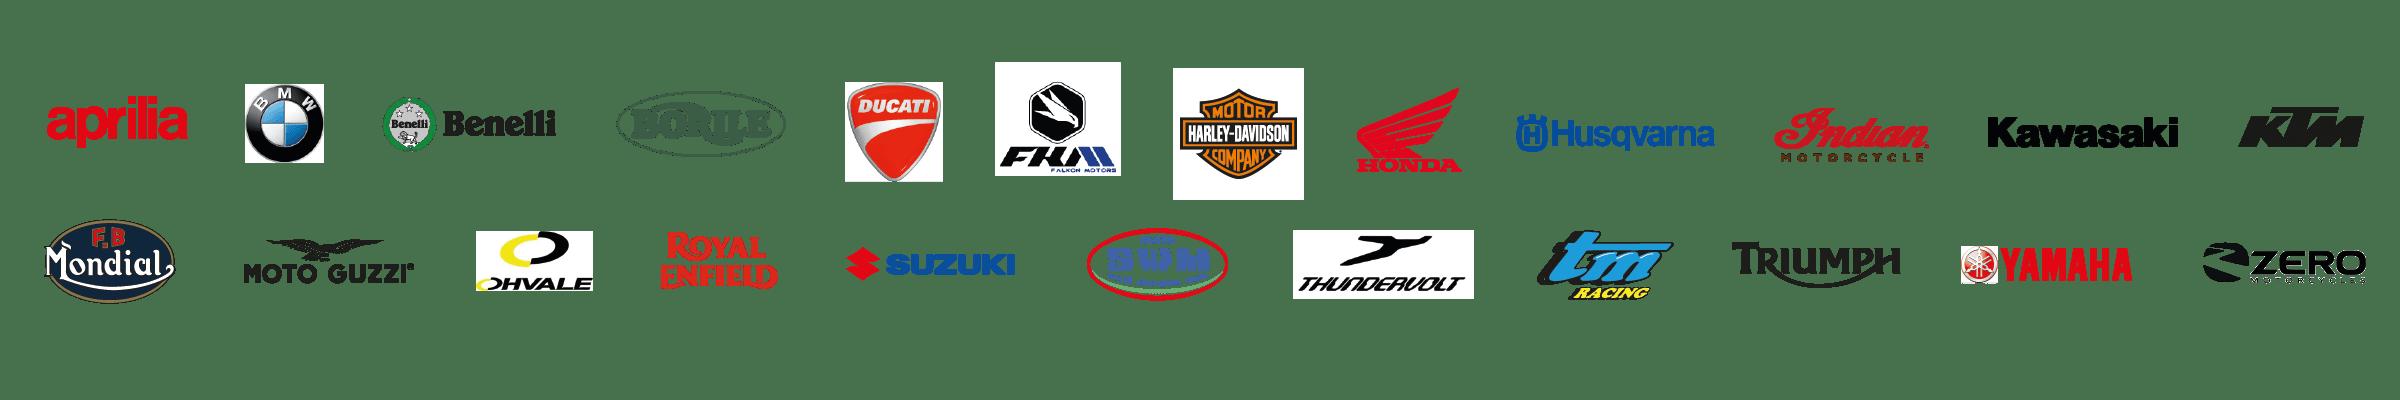 L'elenco espositori di Motor Bike Expo